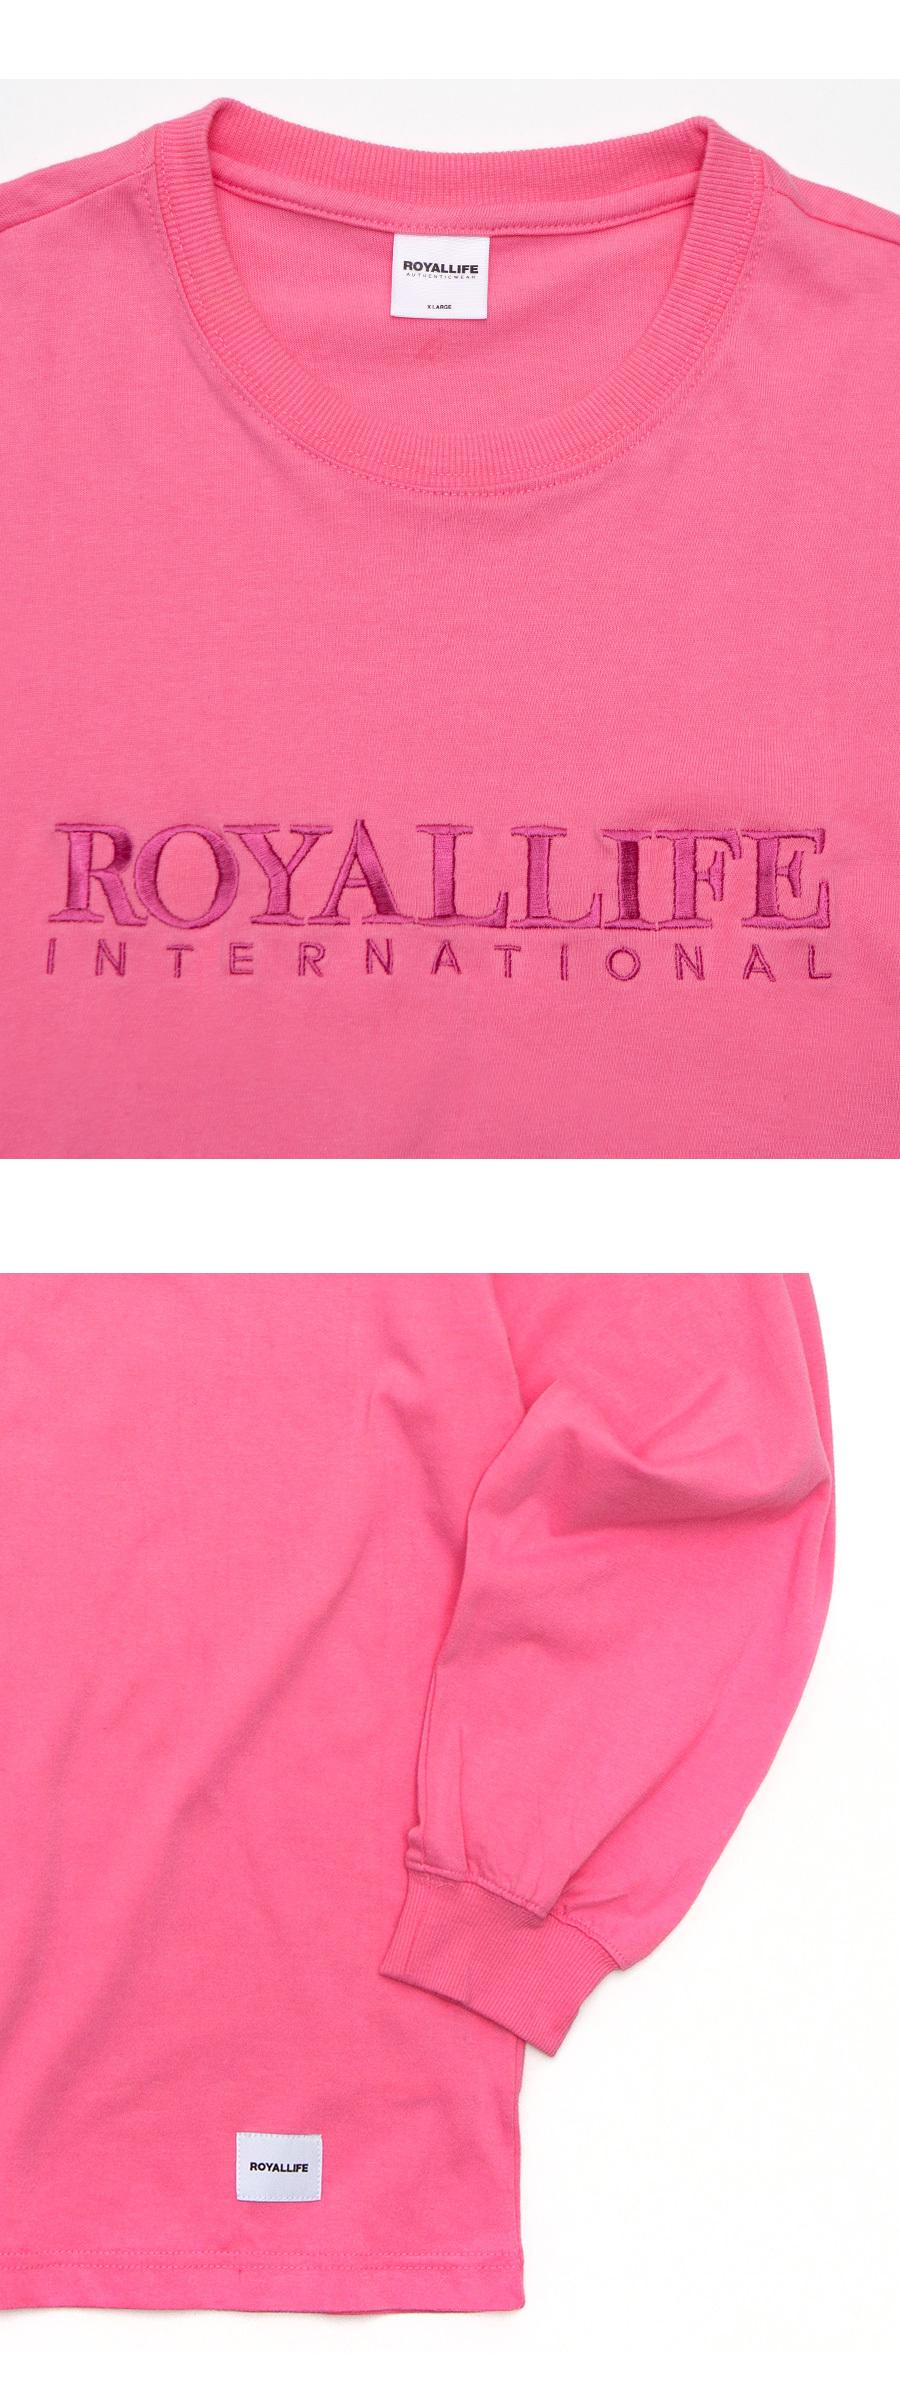 로얄라이프(ROYALLIFE) RLLR702 인터내셔널 자수 로고 롱슬리브 - 핑크